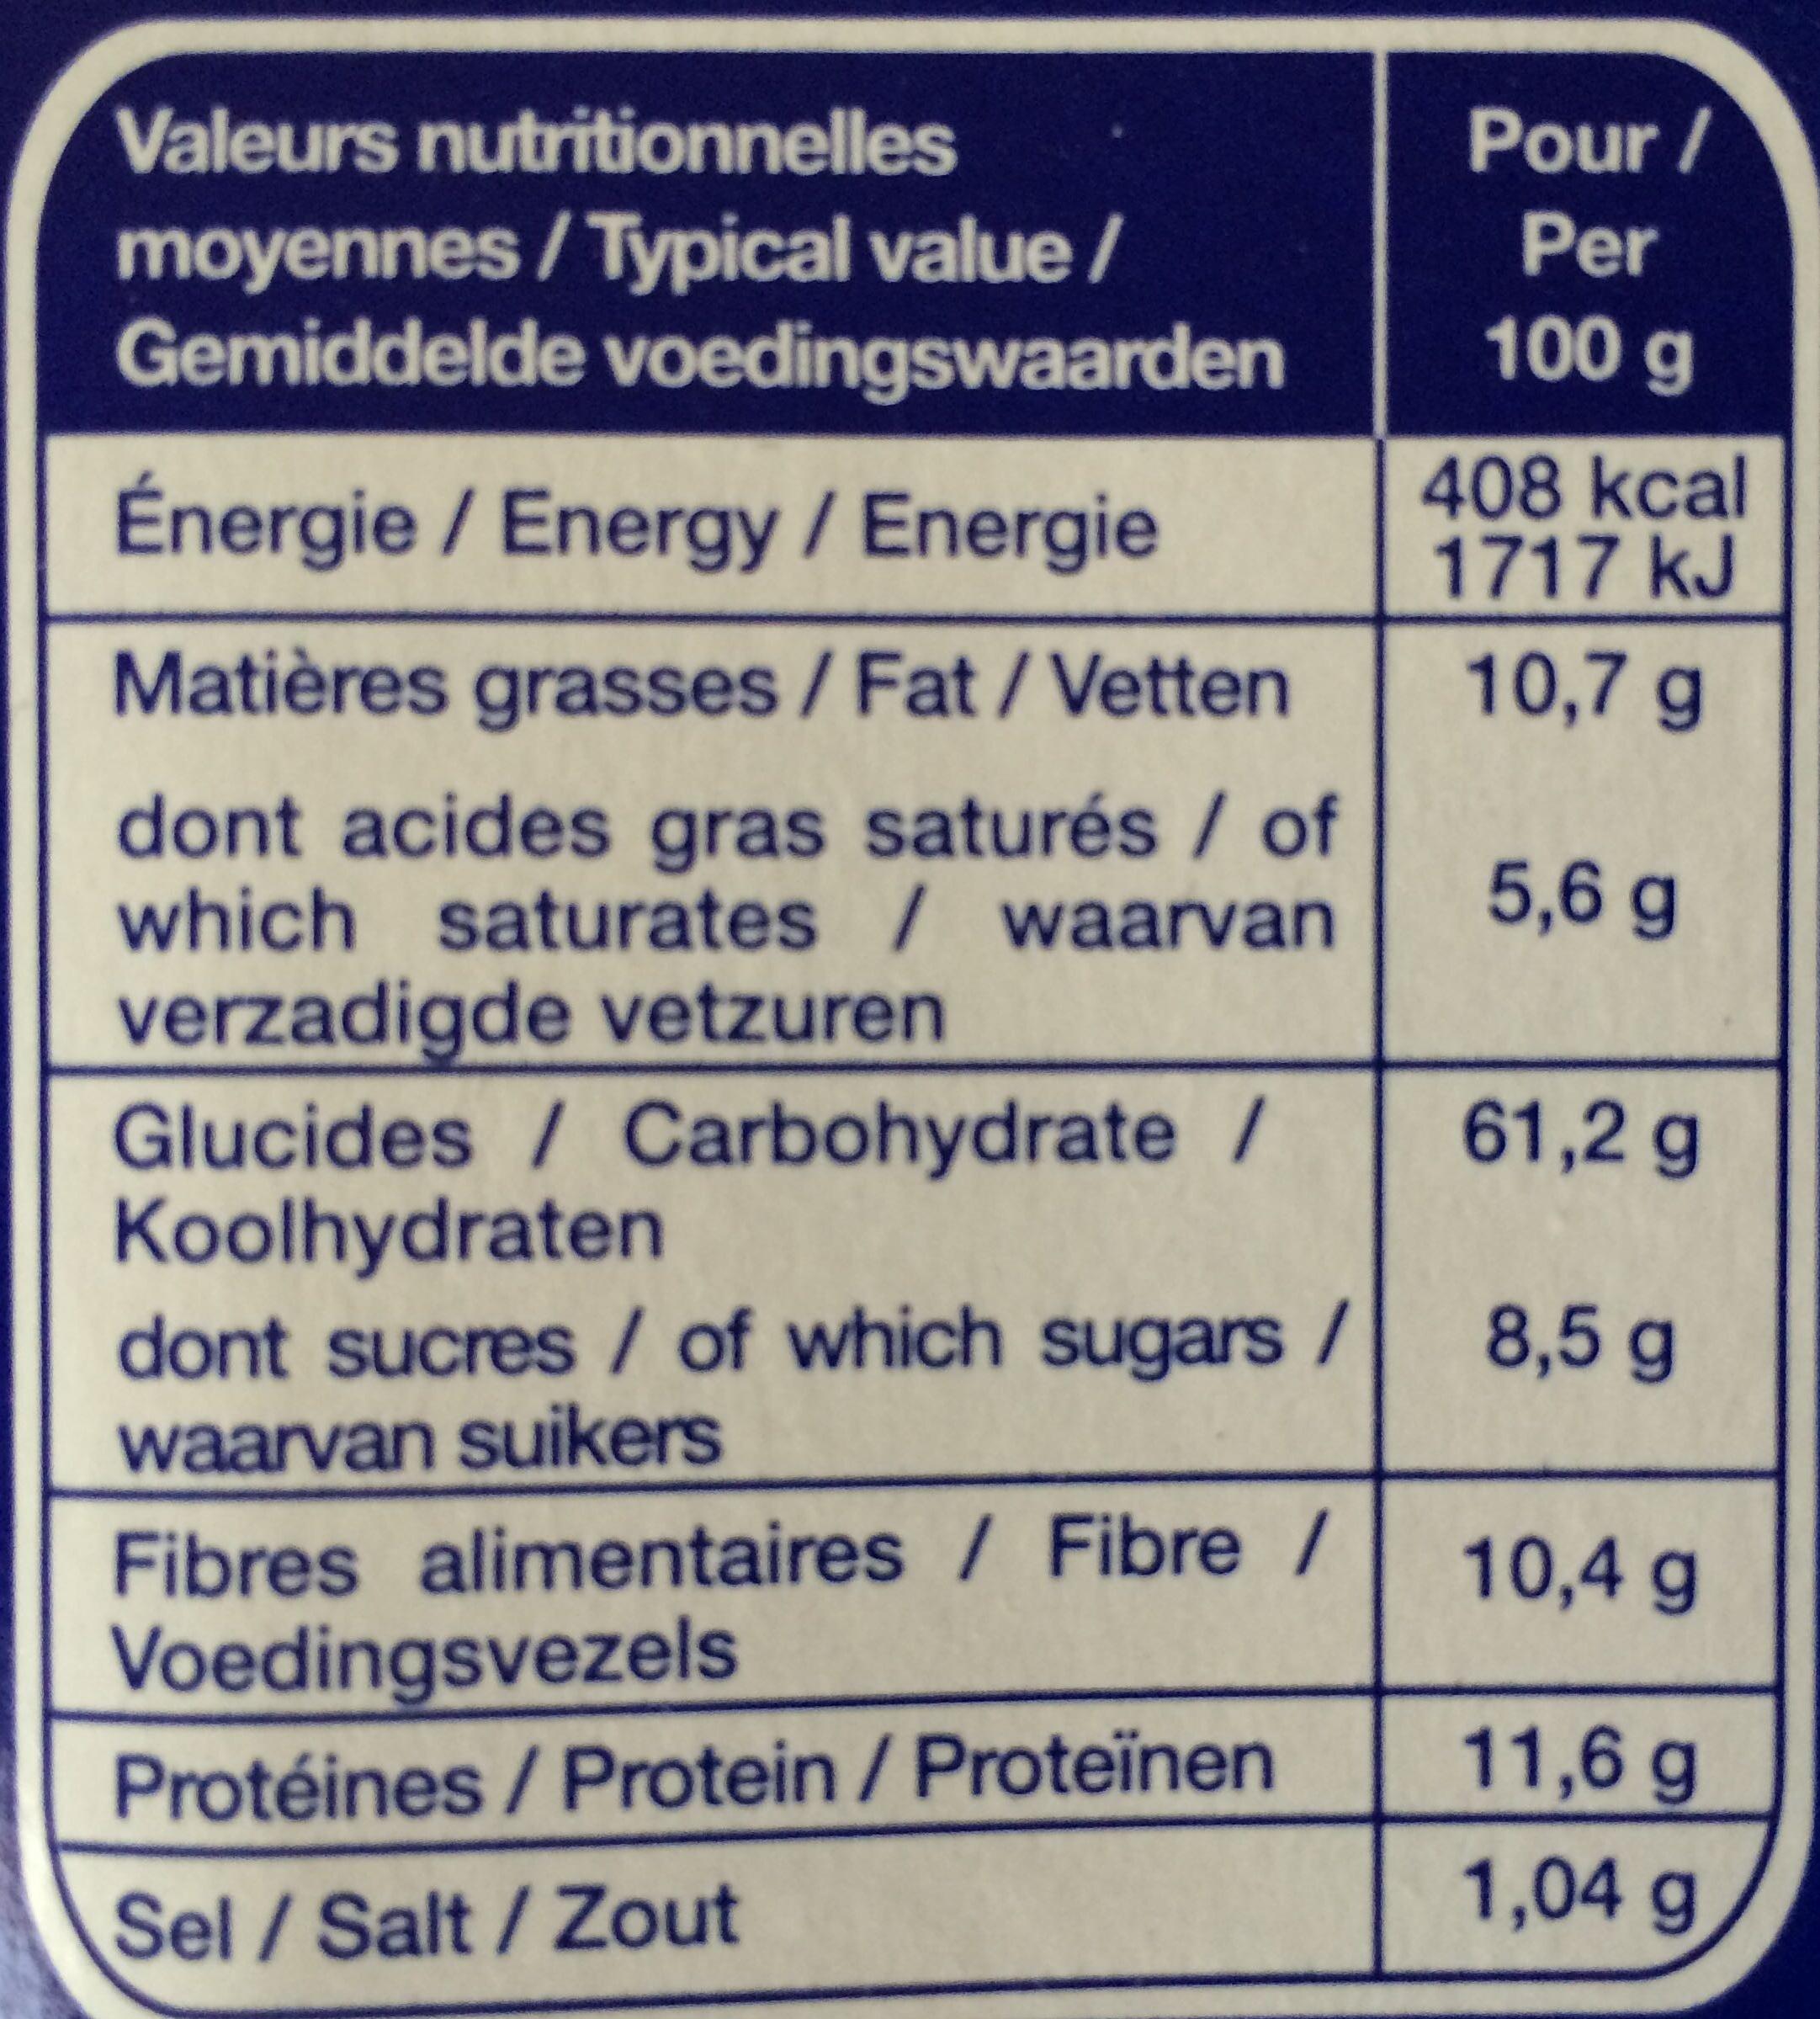 Les Grillettines au blé complet - Informations nutritionnelles